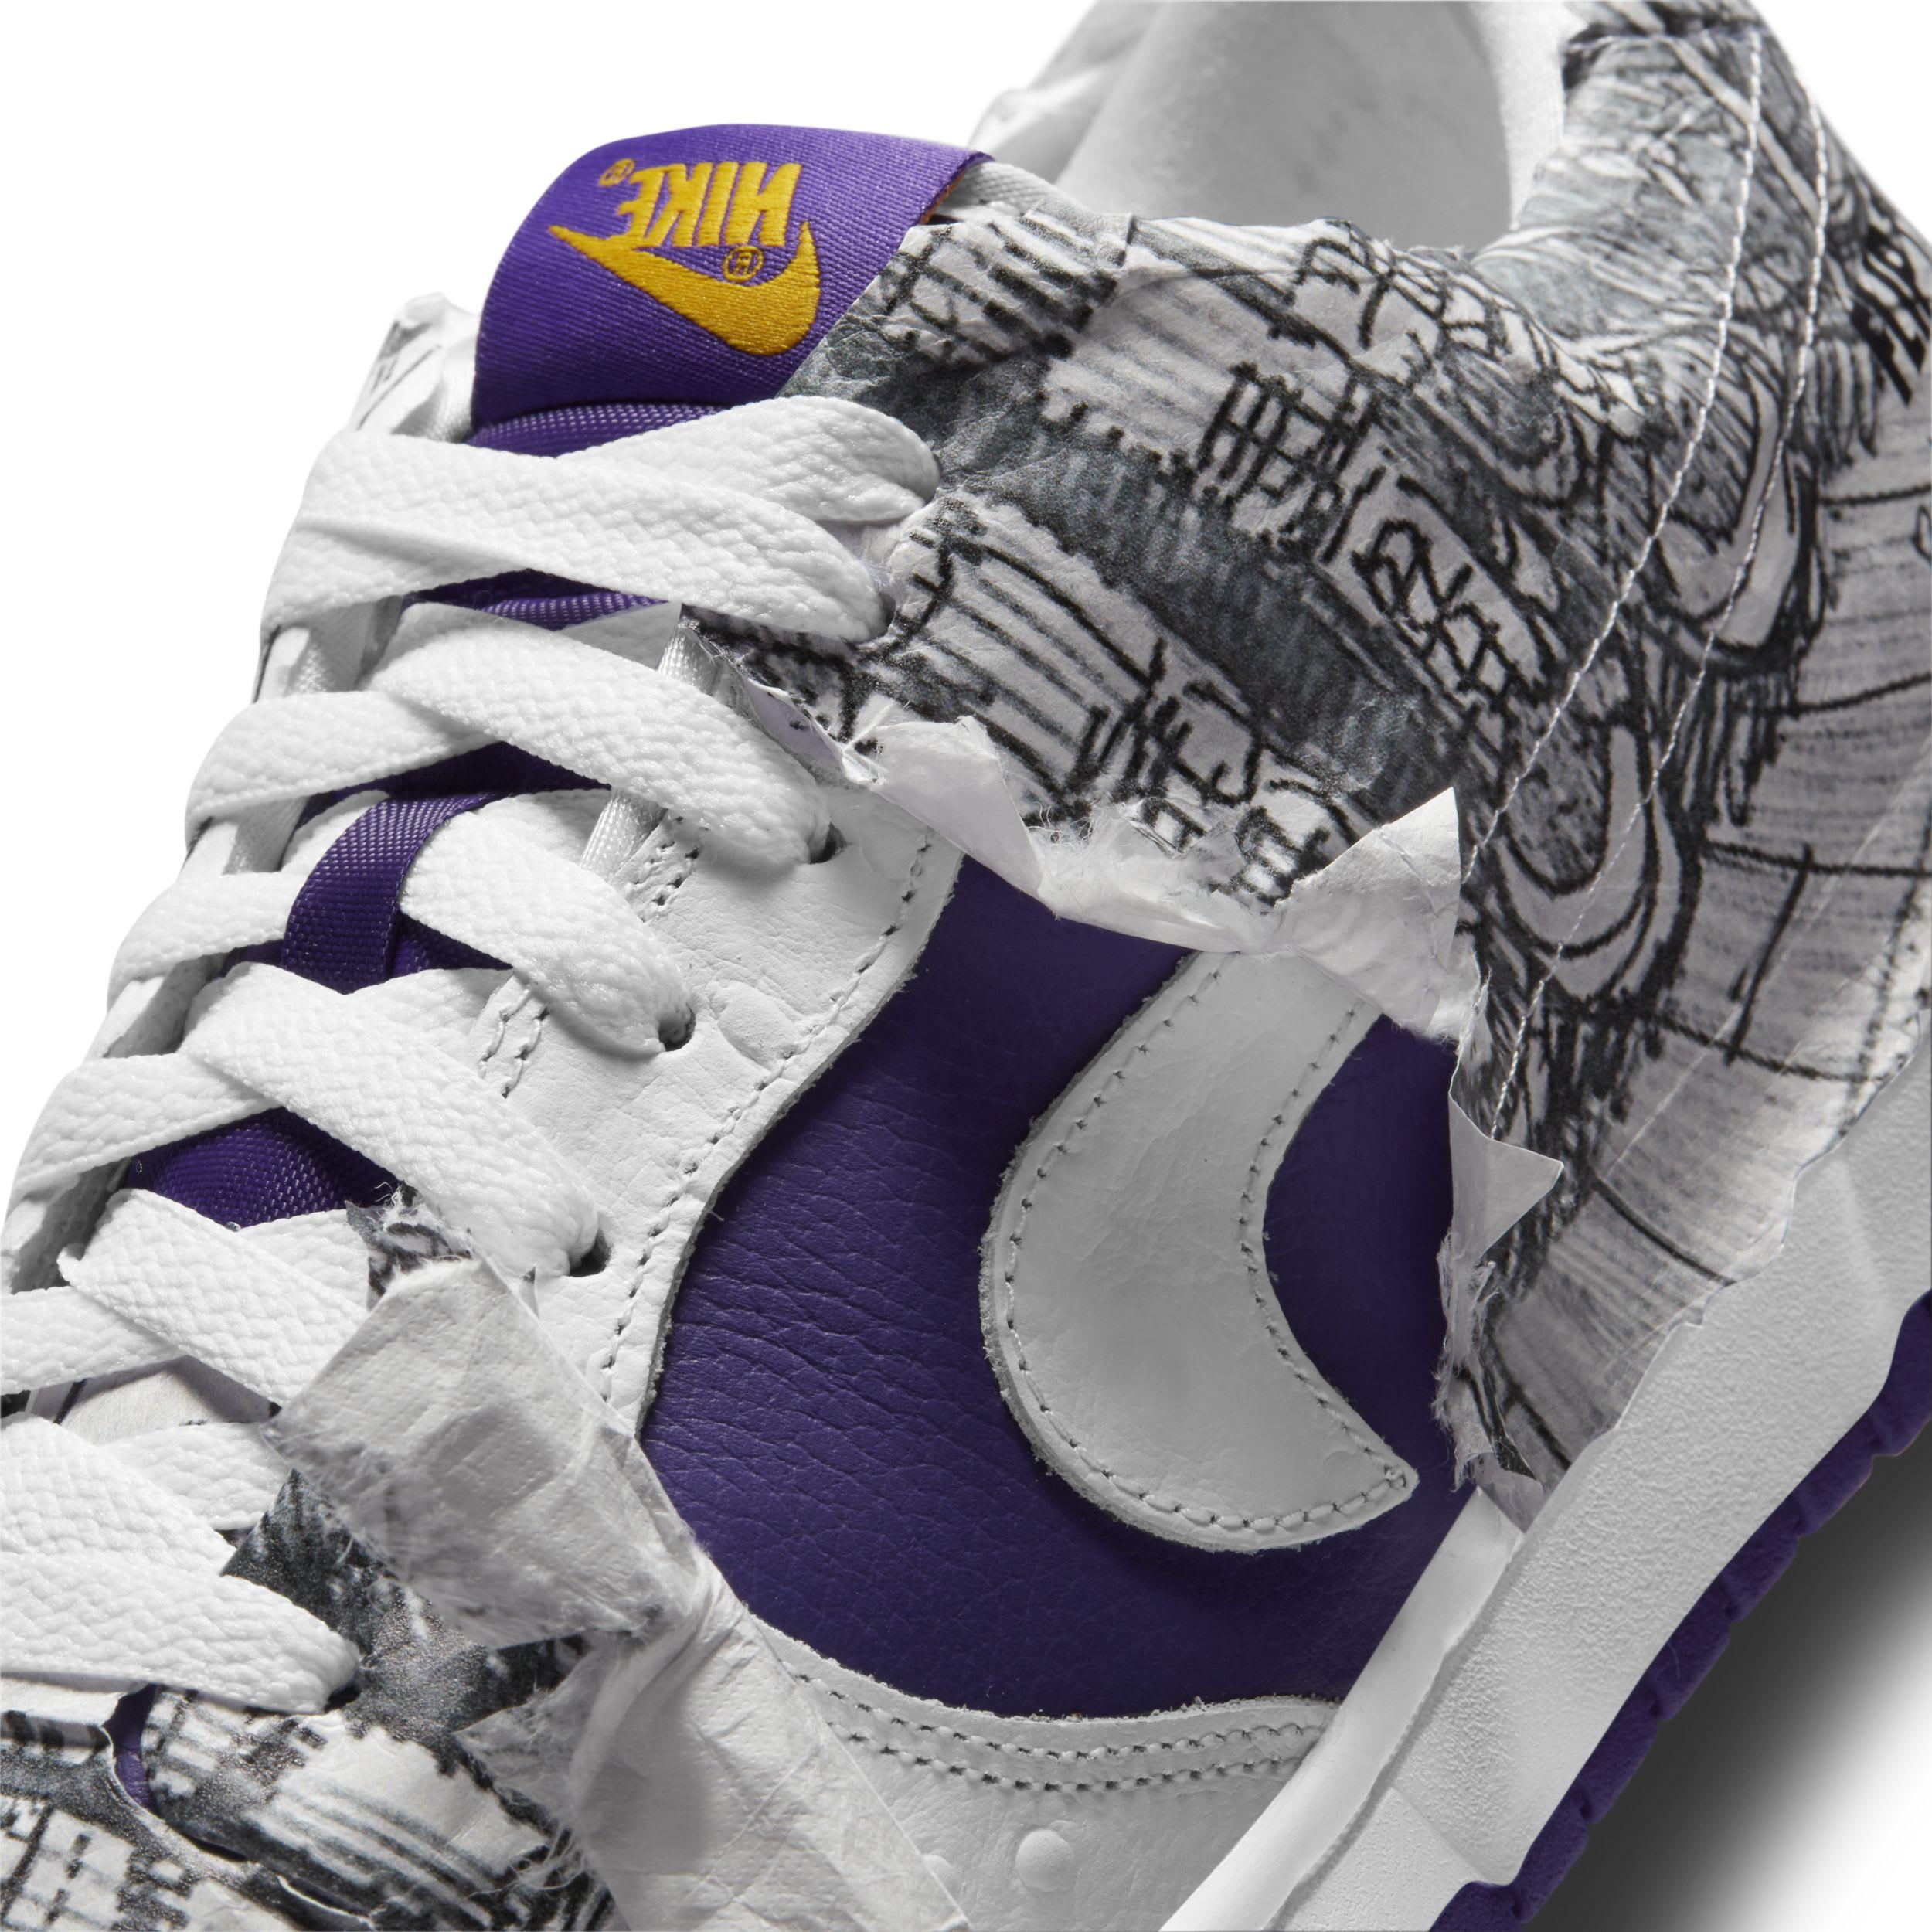 Nike Dunk Low 'Flip the Old School' Side